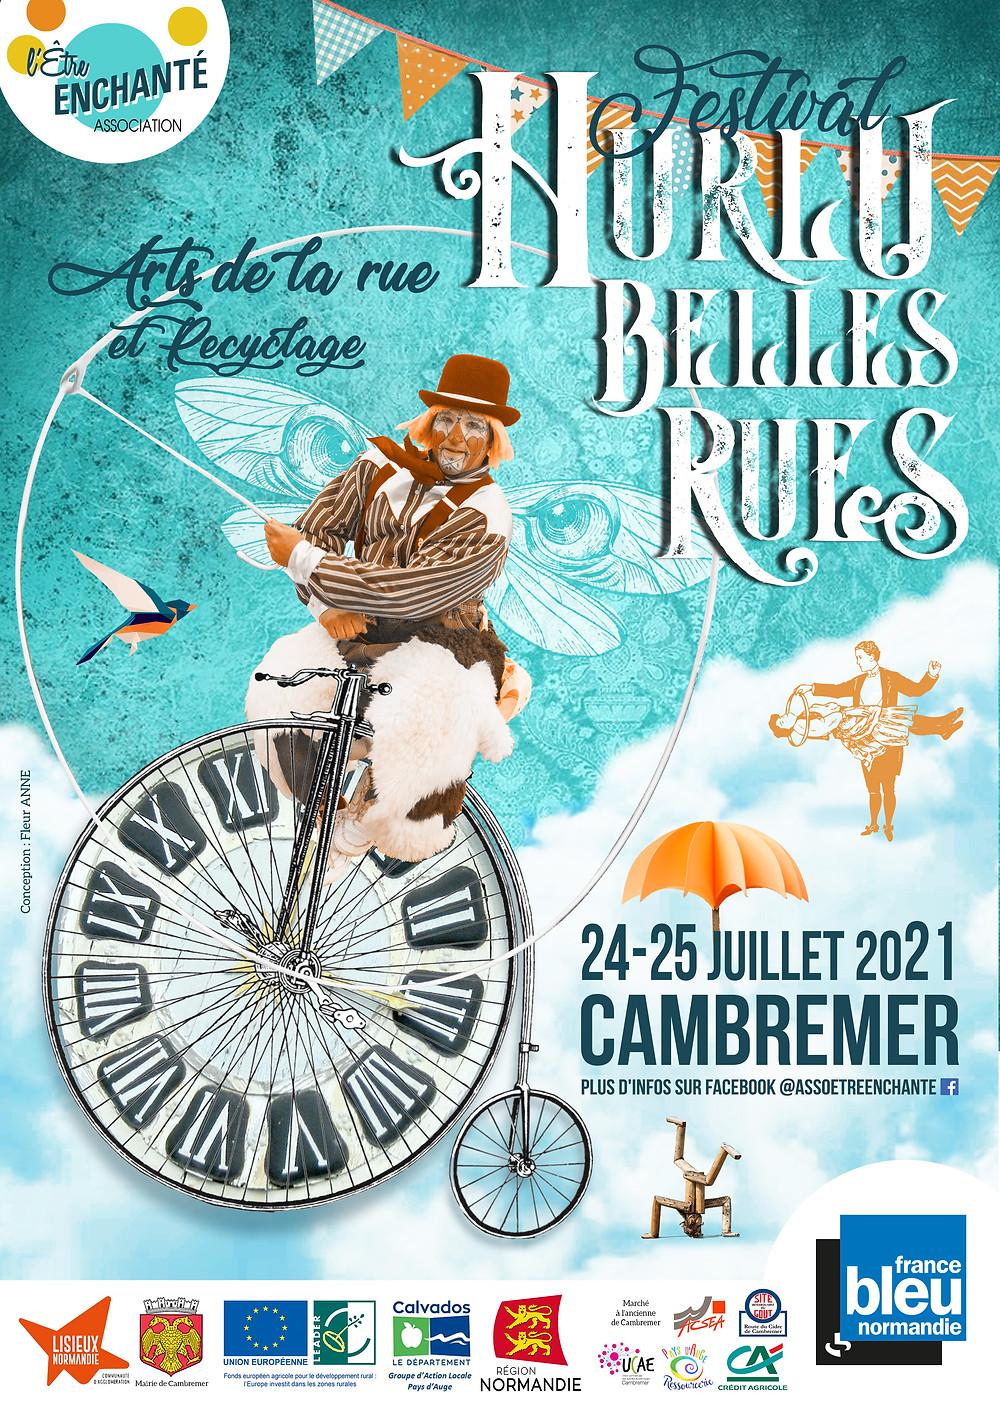 24 - 25 juillet 2021 : Festival Hurlu Belles Rues à Cambremer